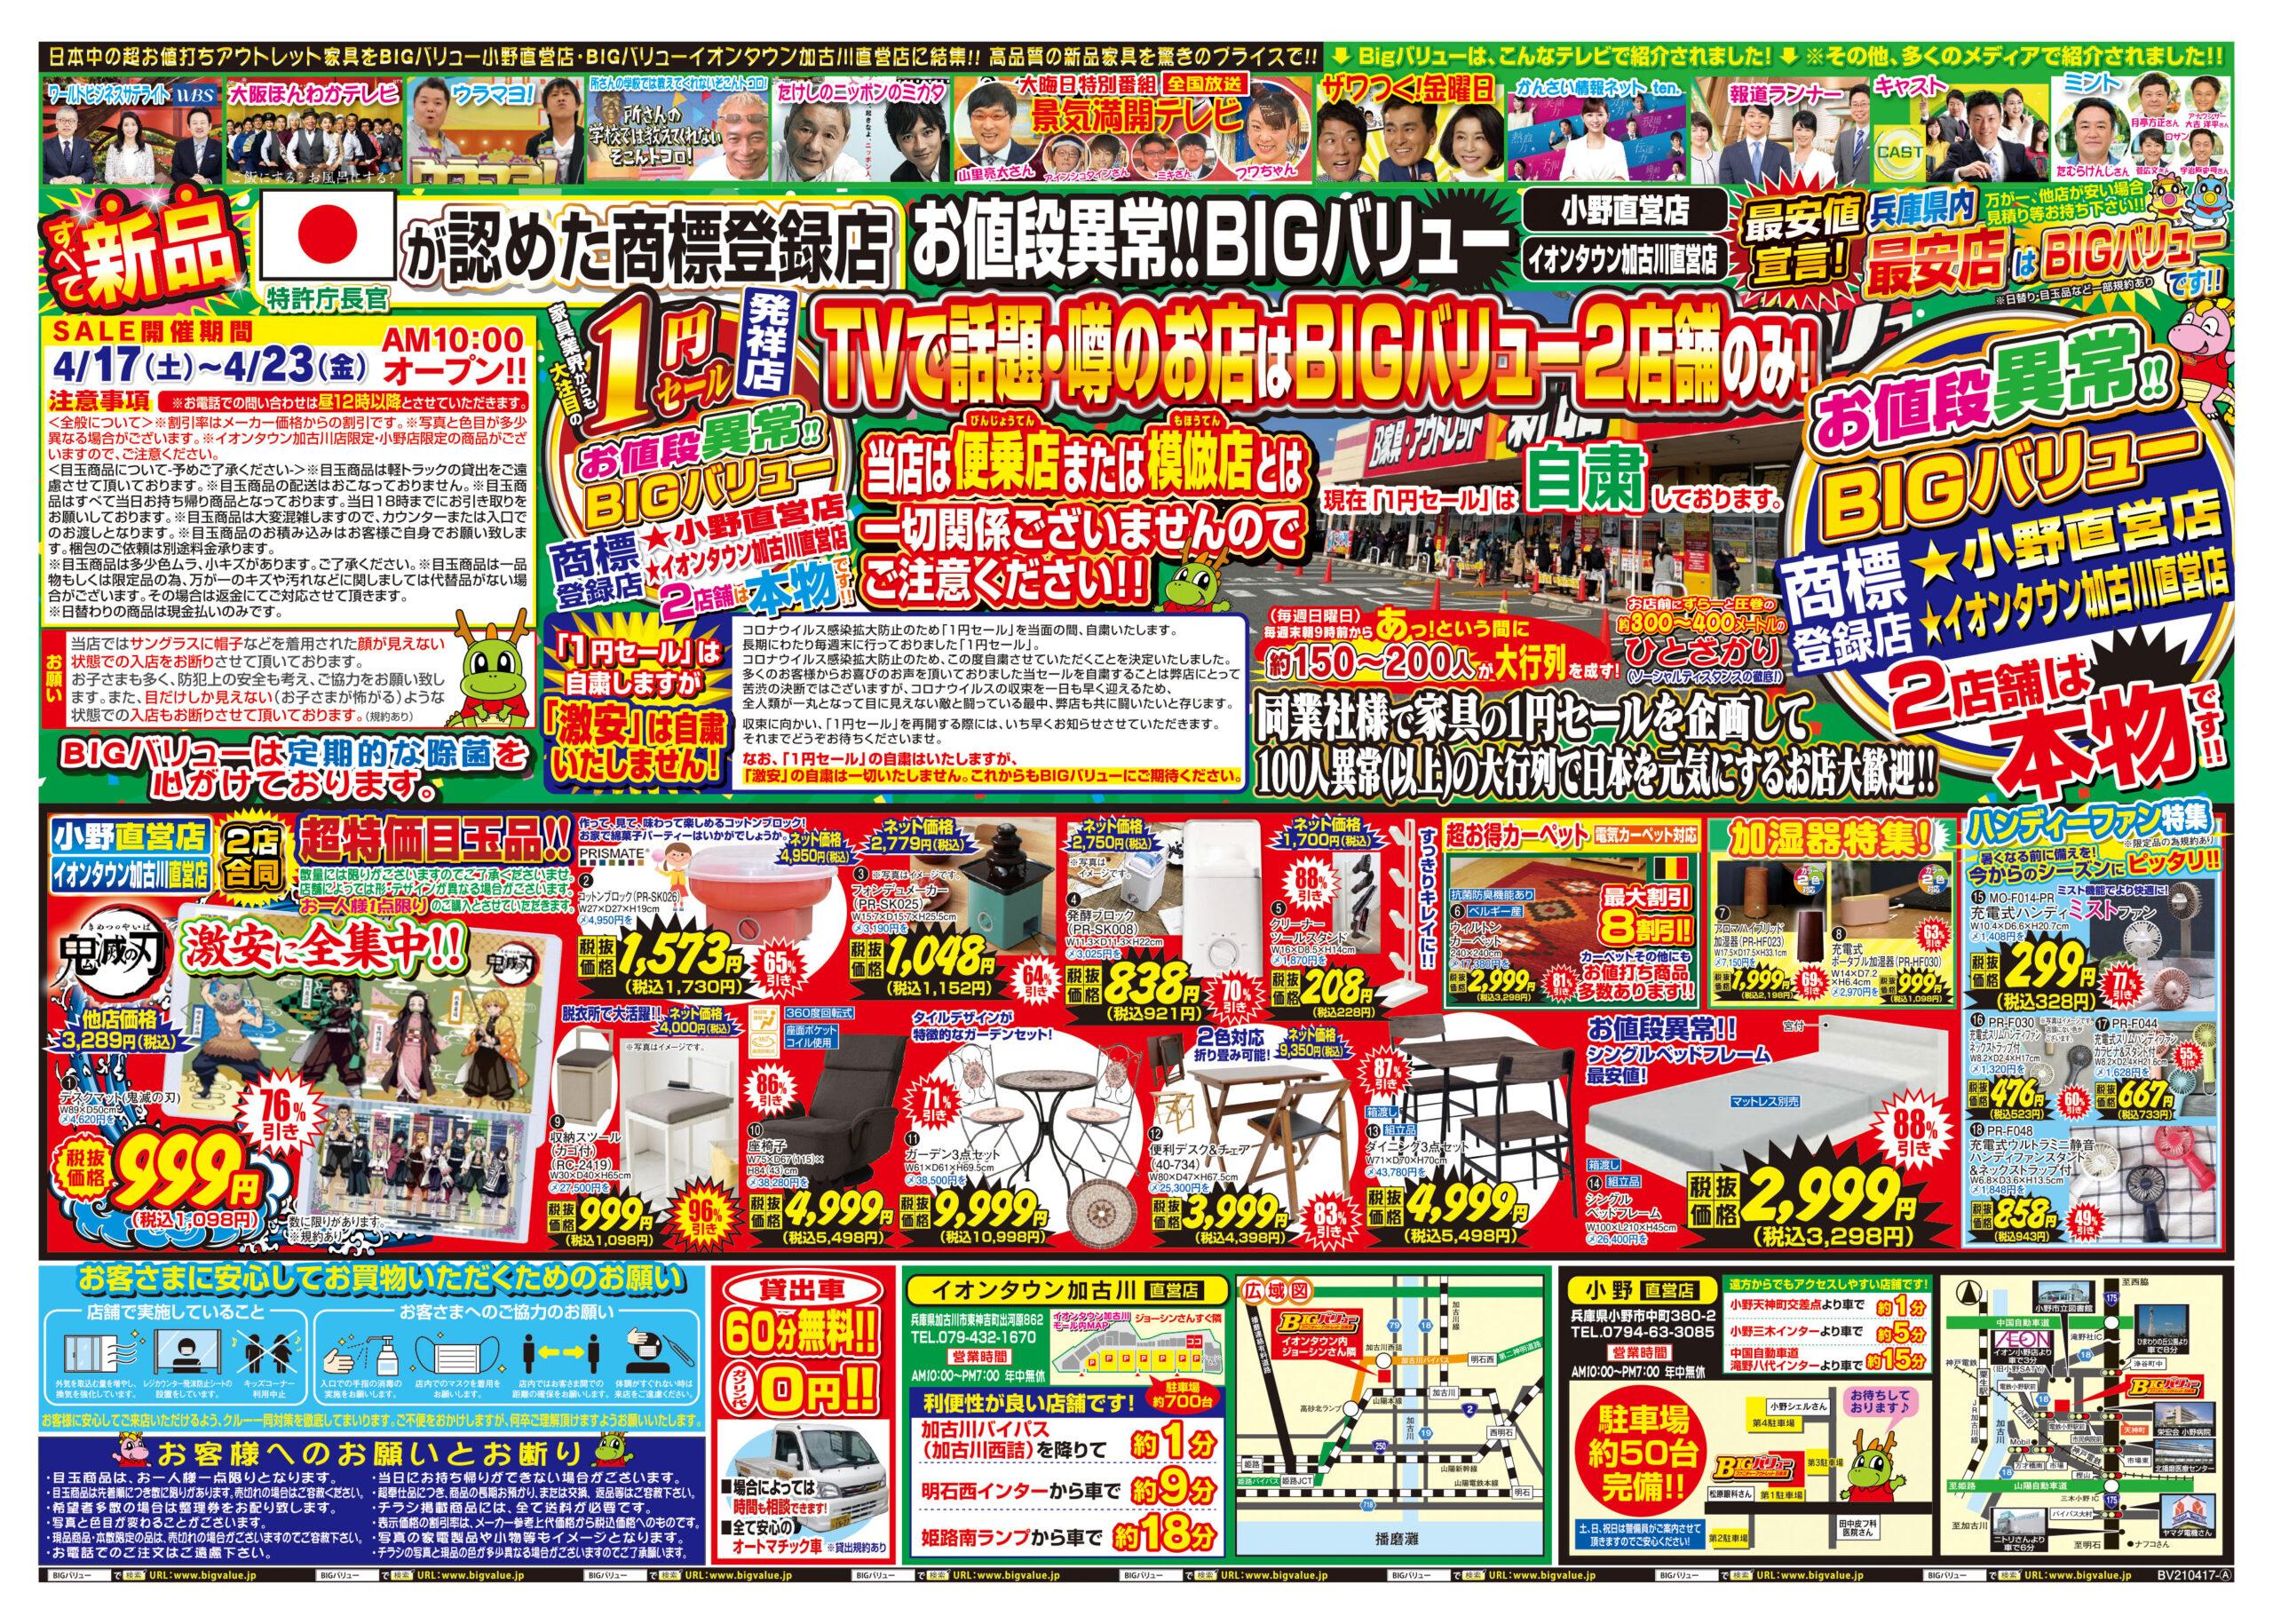 チラシ情報2021年4月17日~4月23日 小野店/イオンタウン加古川店